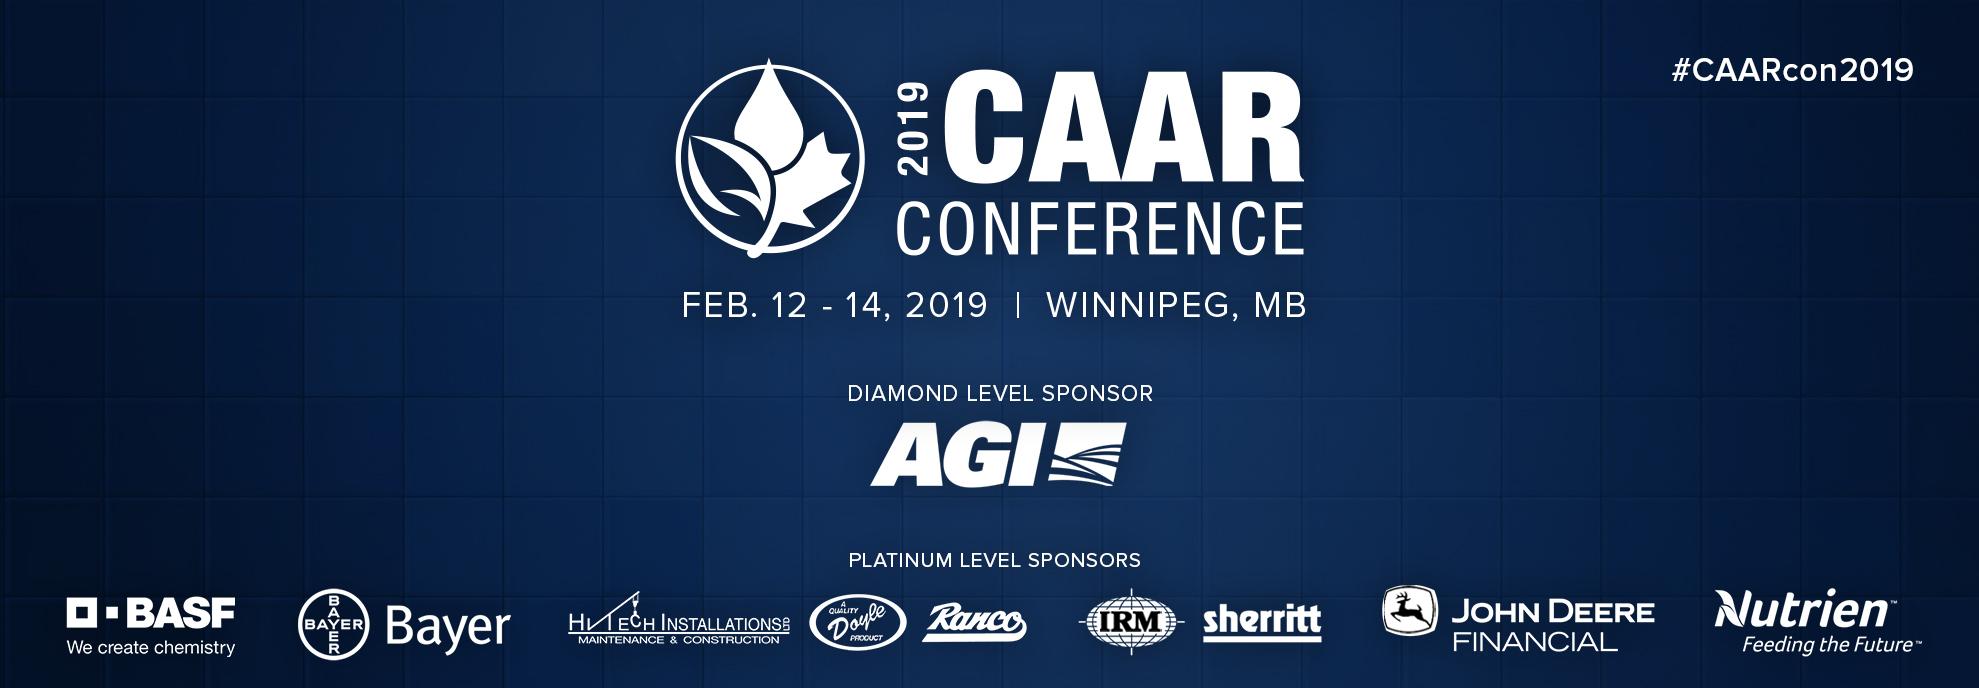 2019 CAAR Conference